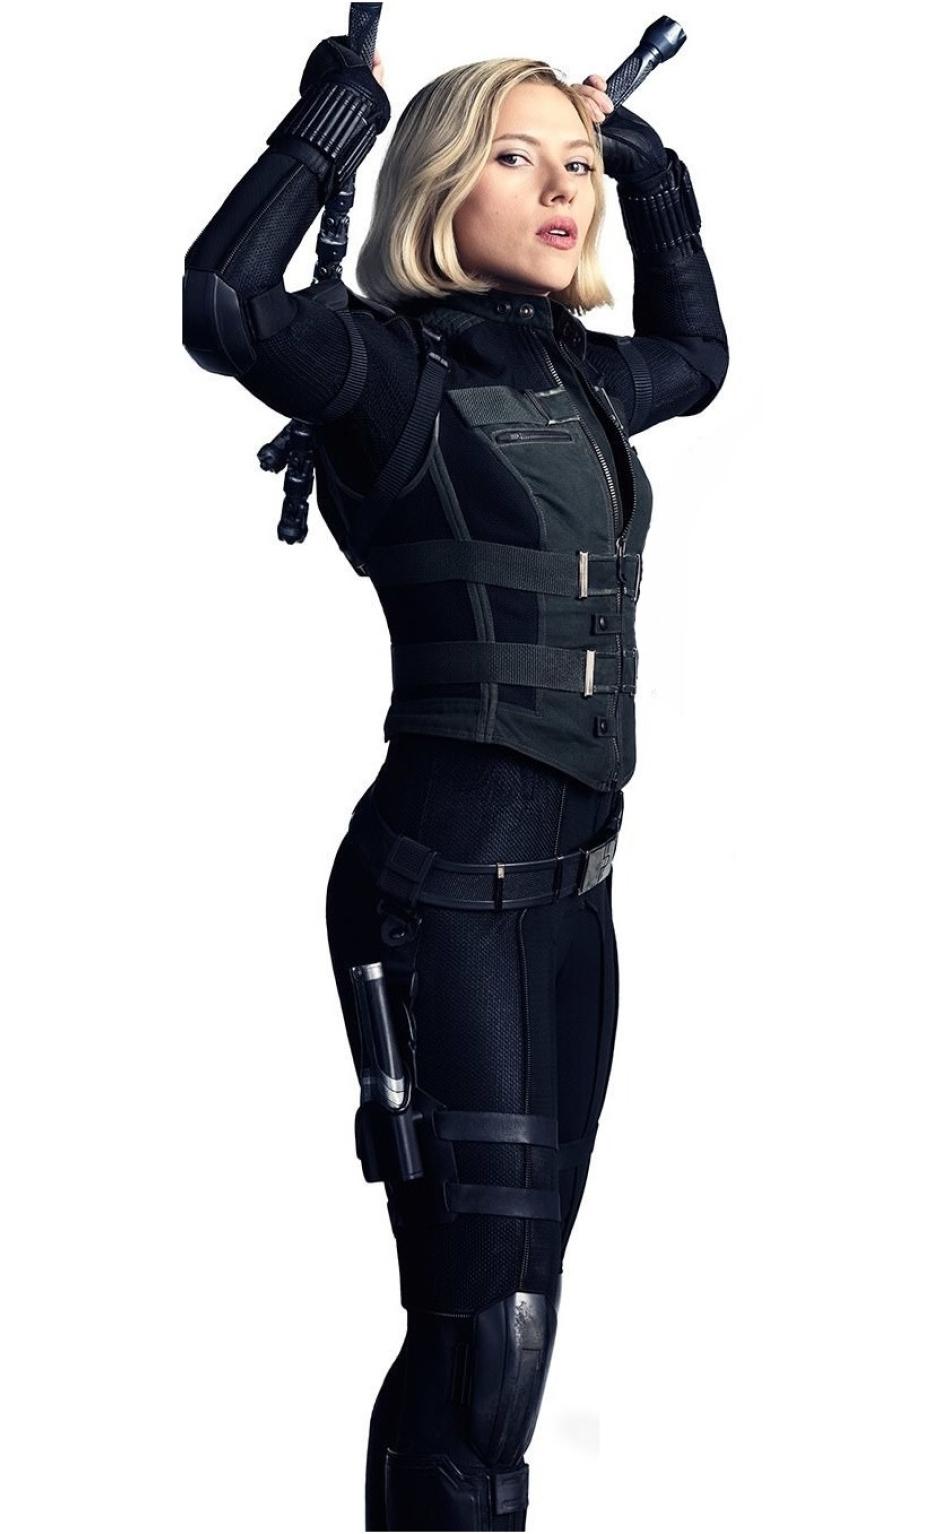 scarlett johansson as black widow in avengers full hd 2k